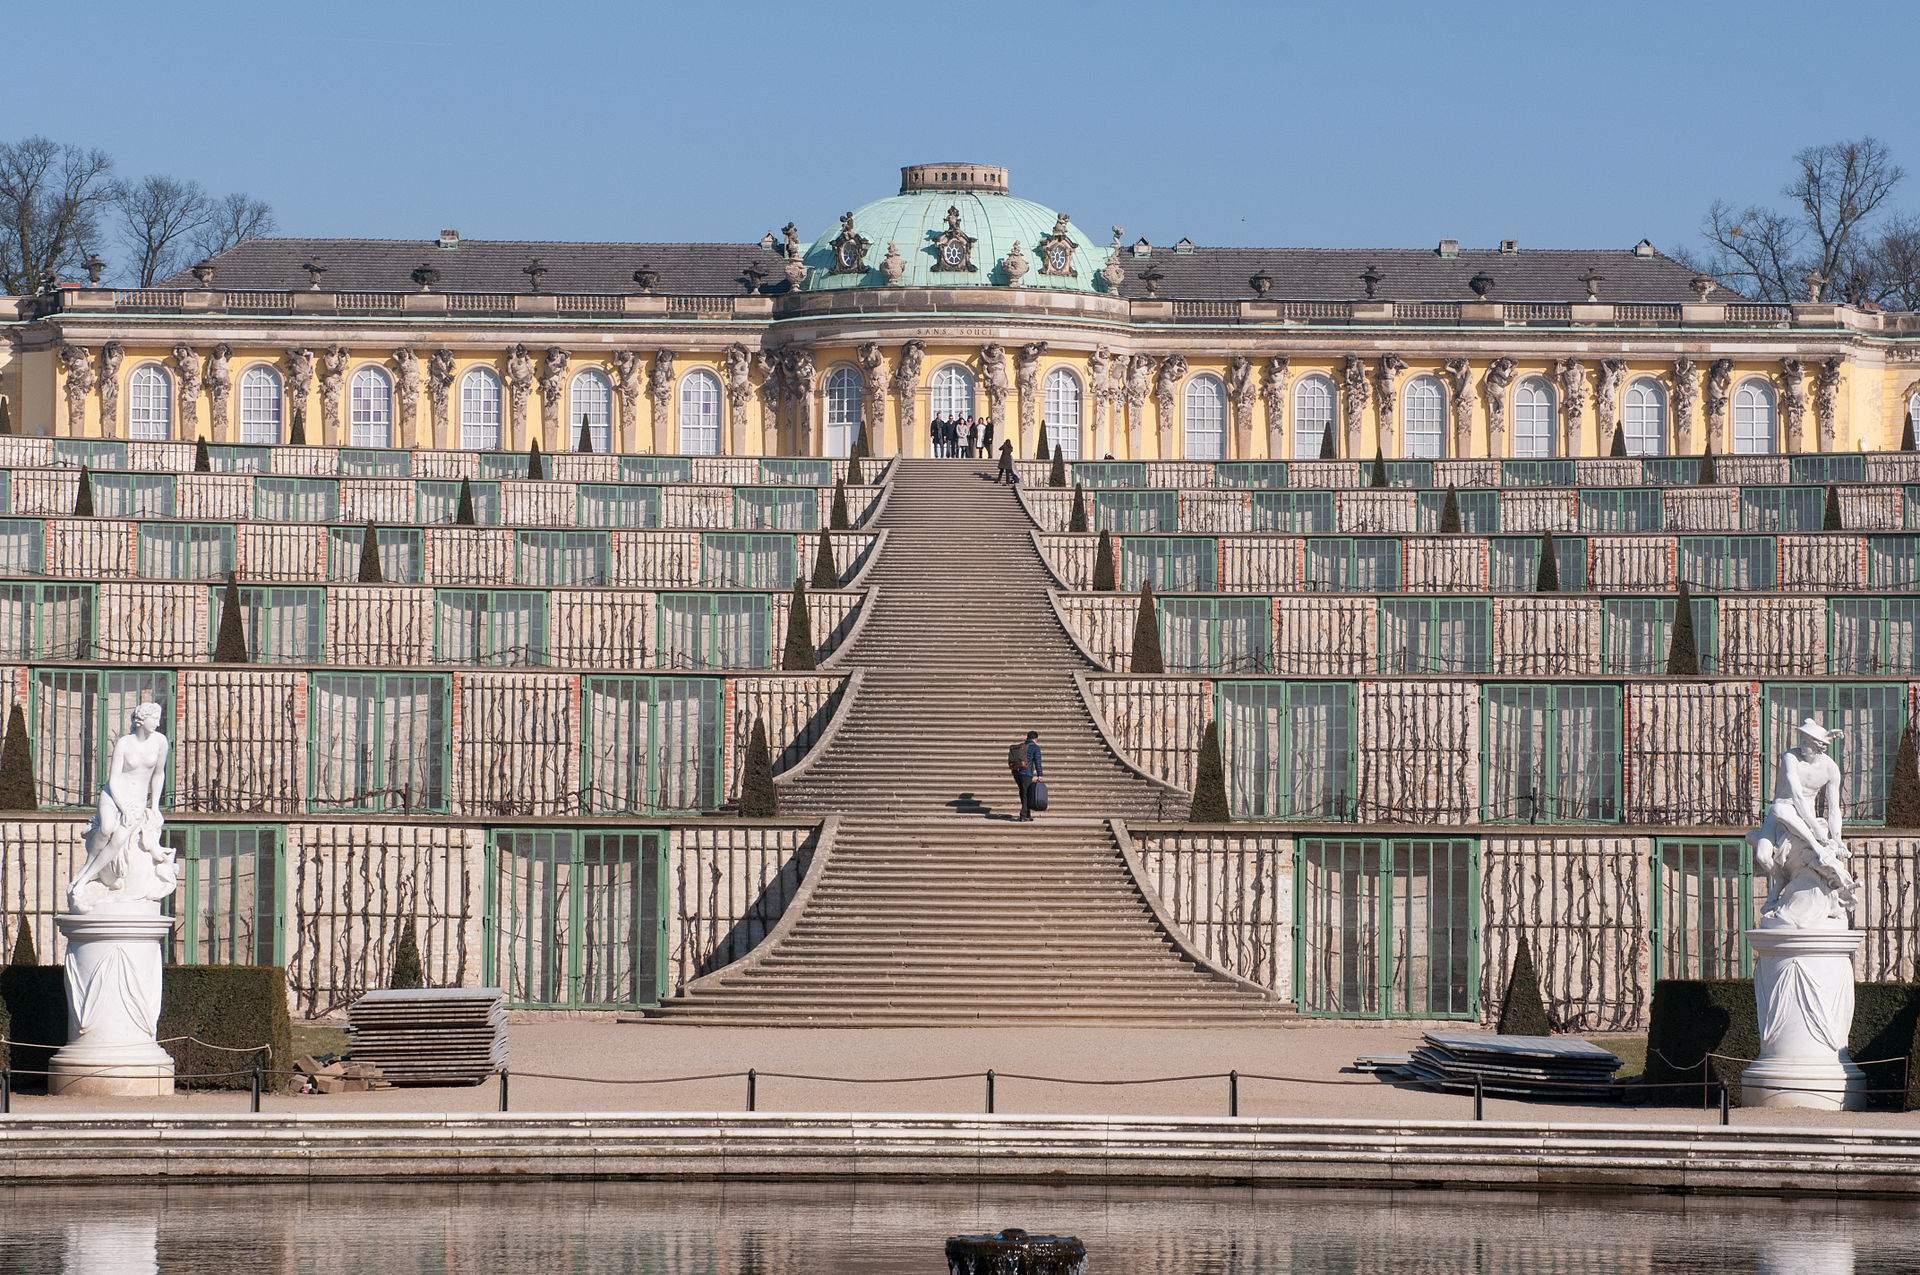 Stiftung Preußische Schlösser Und Gärten Berlin Brandenburg Elegant Stiftung Preußische Schlösser Und Gärten Berlin